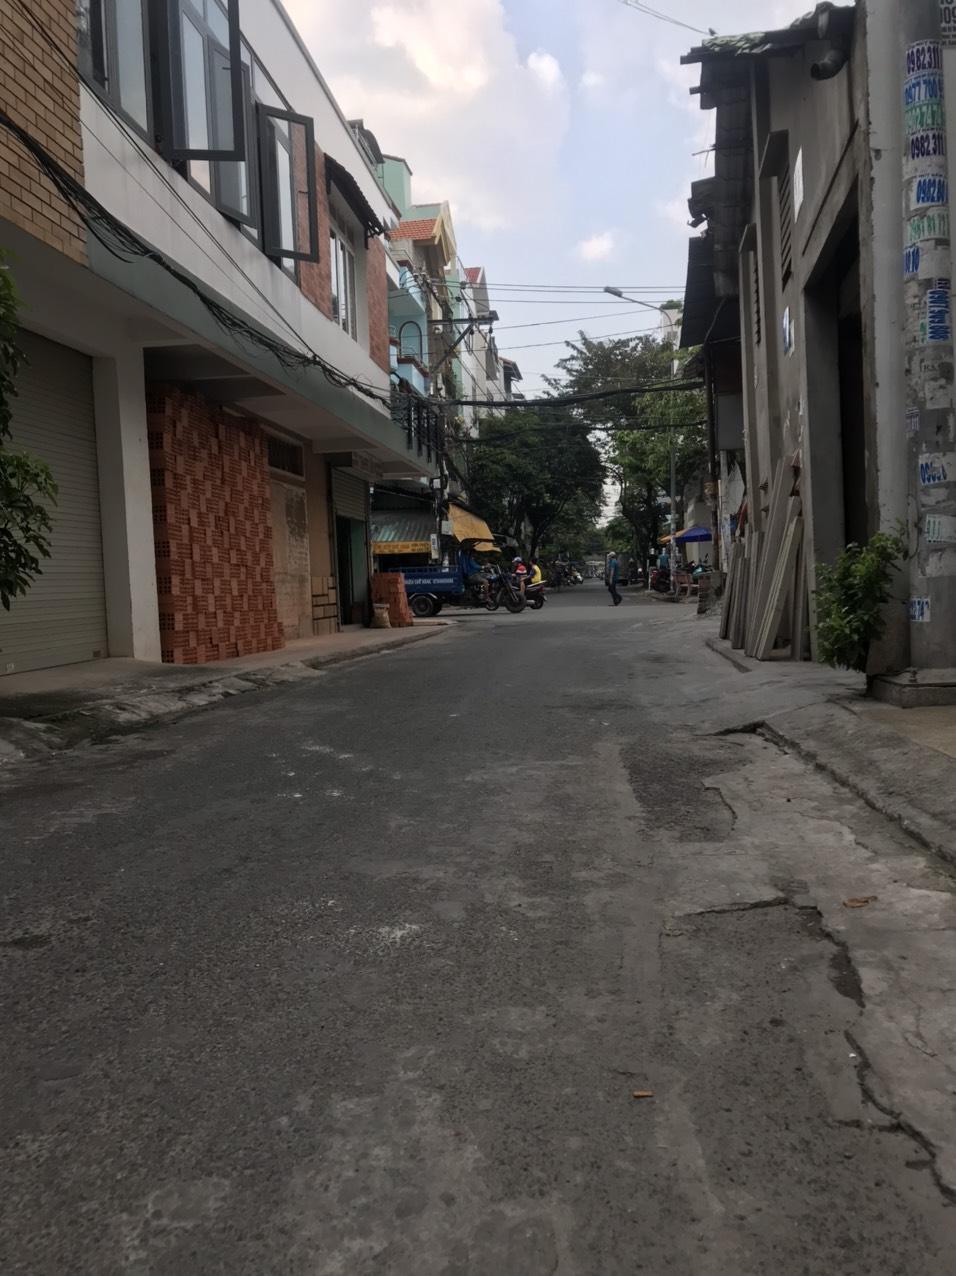 Bán nhà Mặt tiền đường Nguyễn Thái Học phường Tân Thành quận Tân Phú dưới 5 tỷ